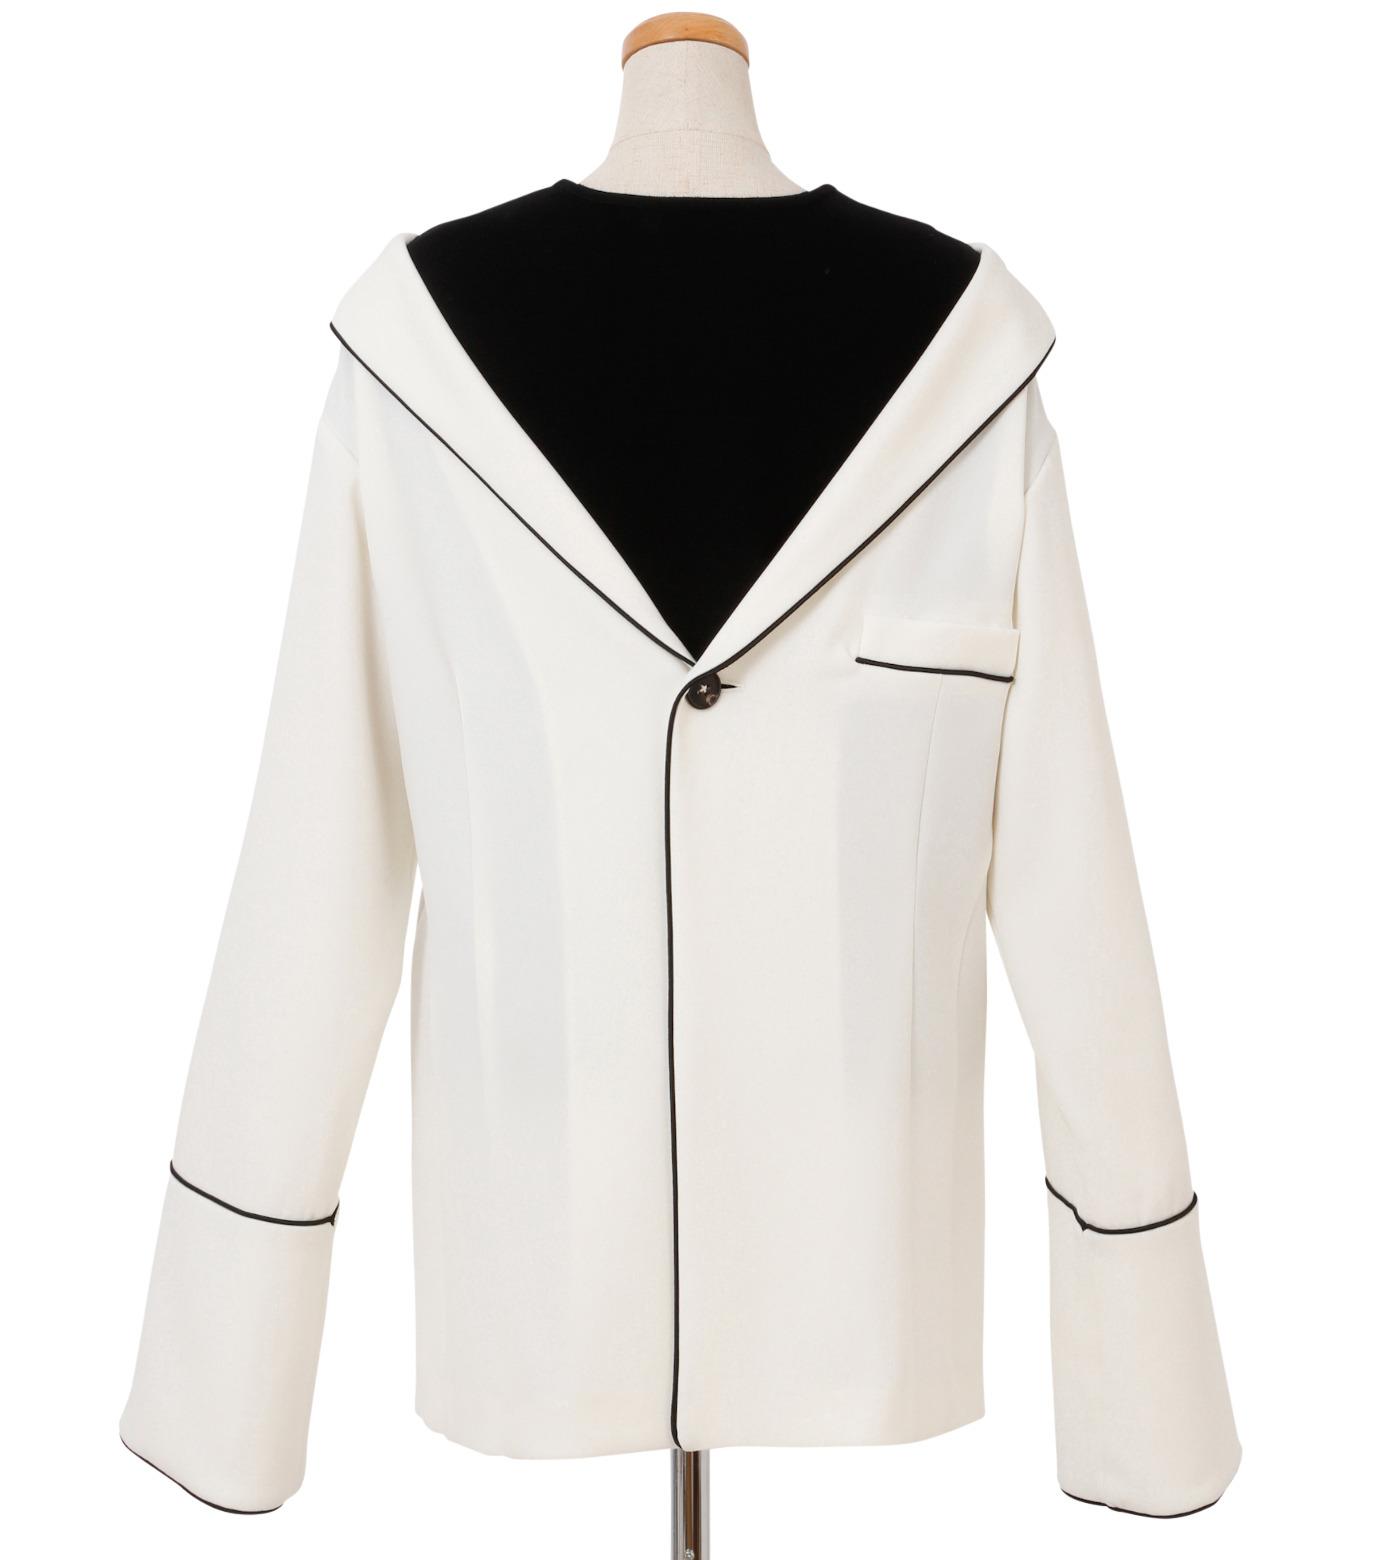 IRENE(アイレネ)のリバーサルスーツトップス-WHITE(シャツ/shirt)-18A83006 拡大詳細画像3